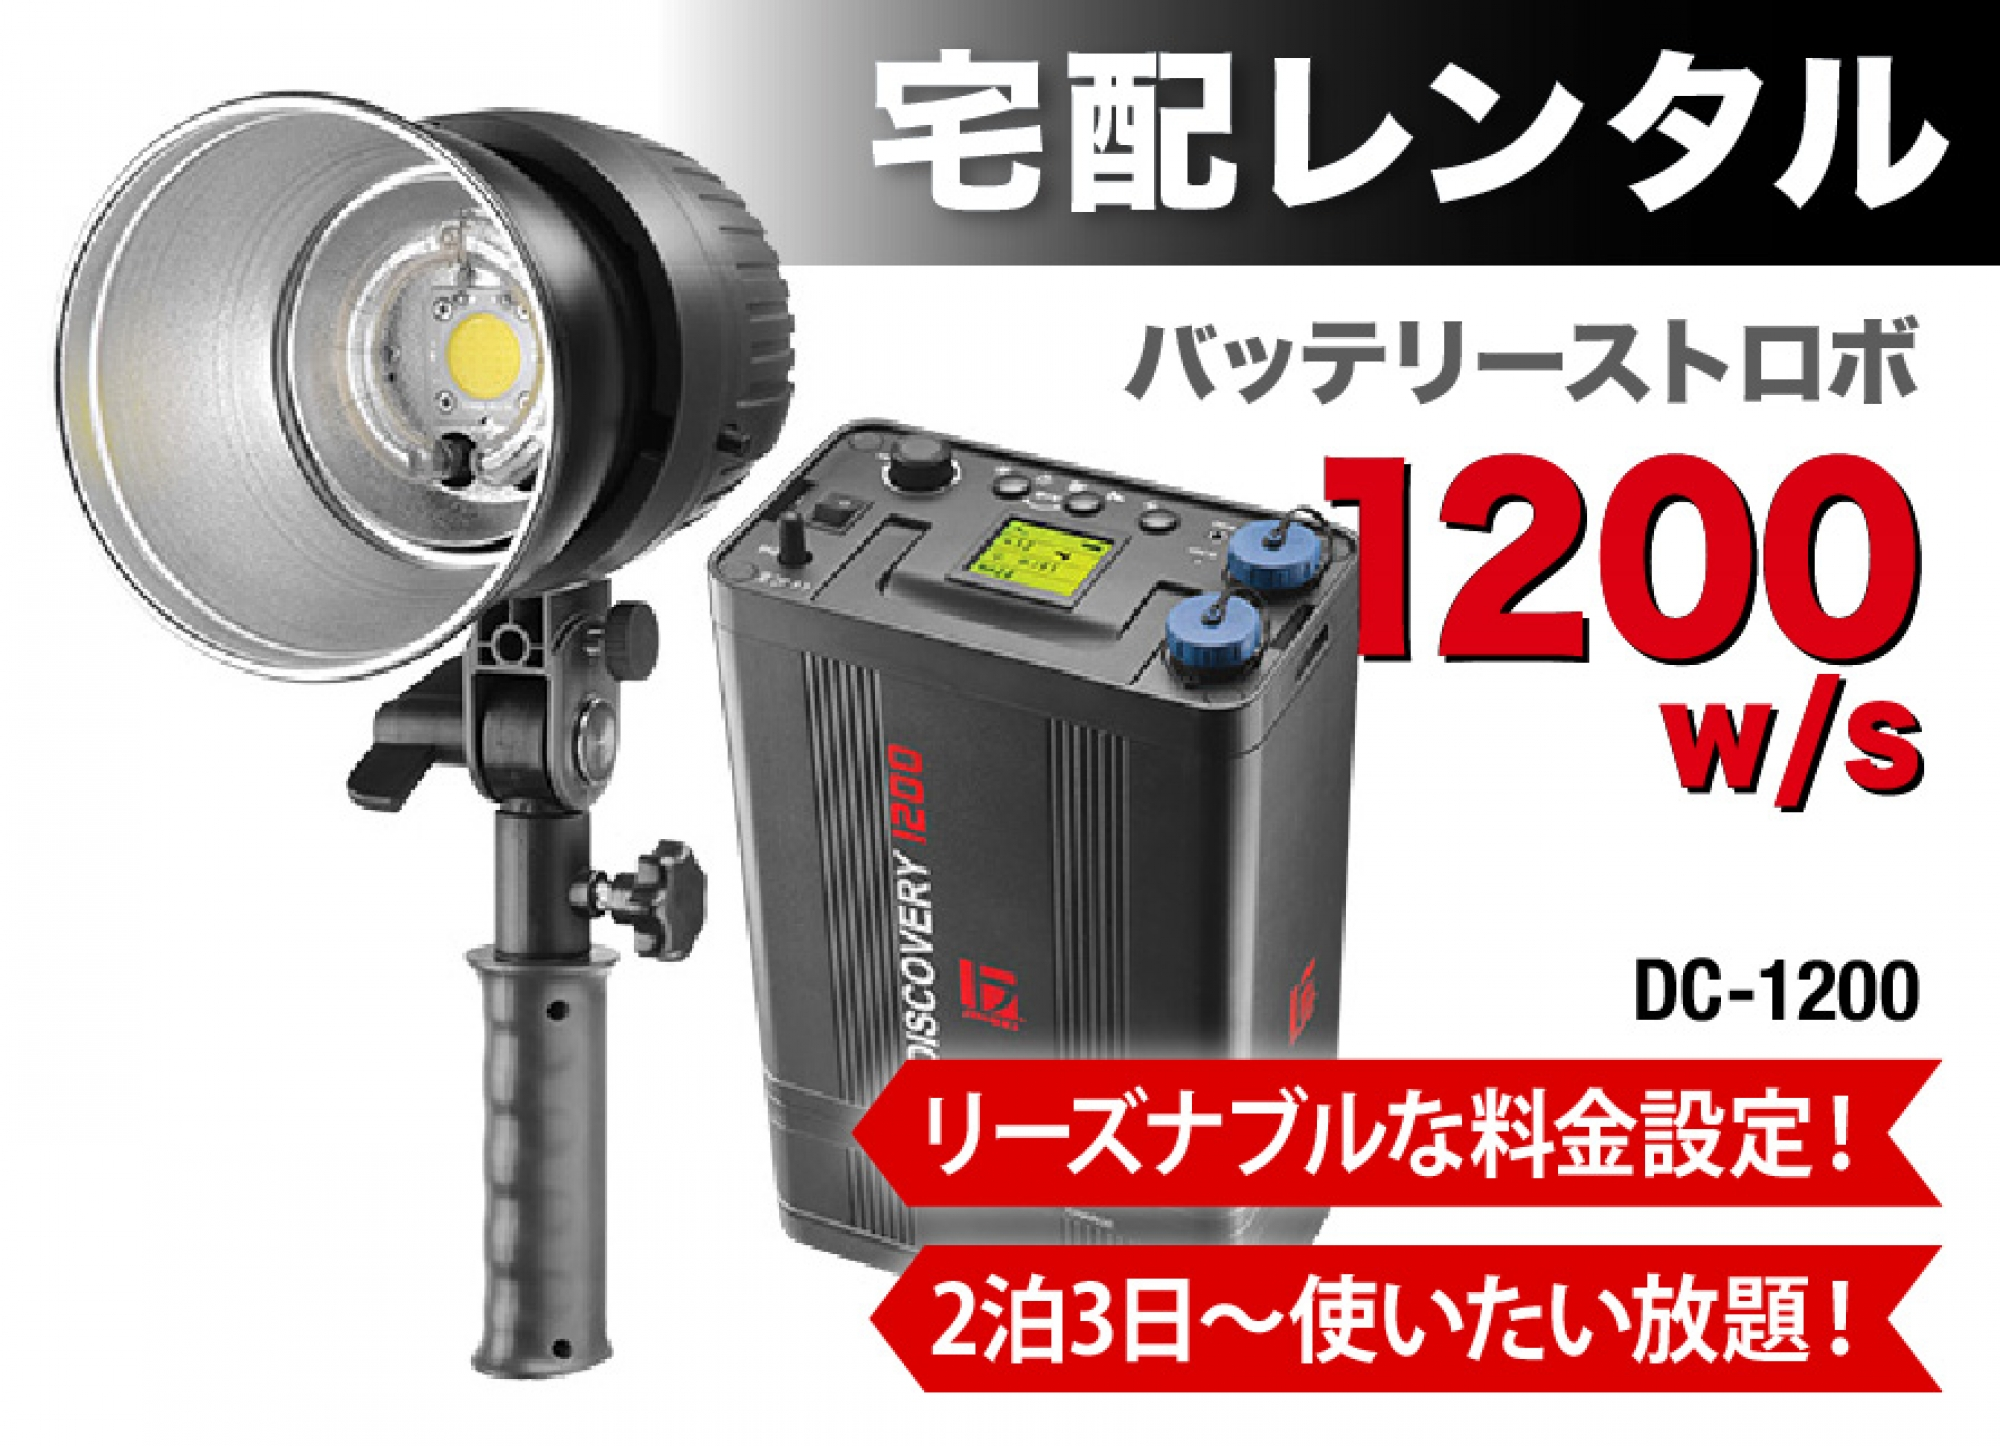 沖縄県でストロボ、バッテリーストロボのレンタルをお探しの方にお知らせです。